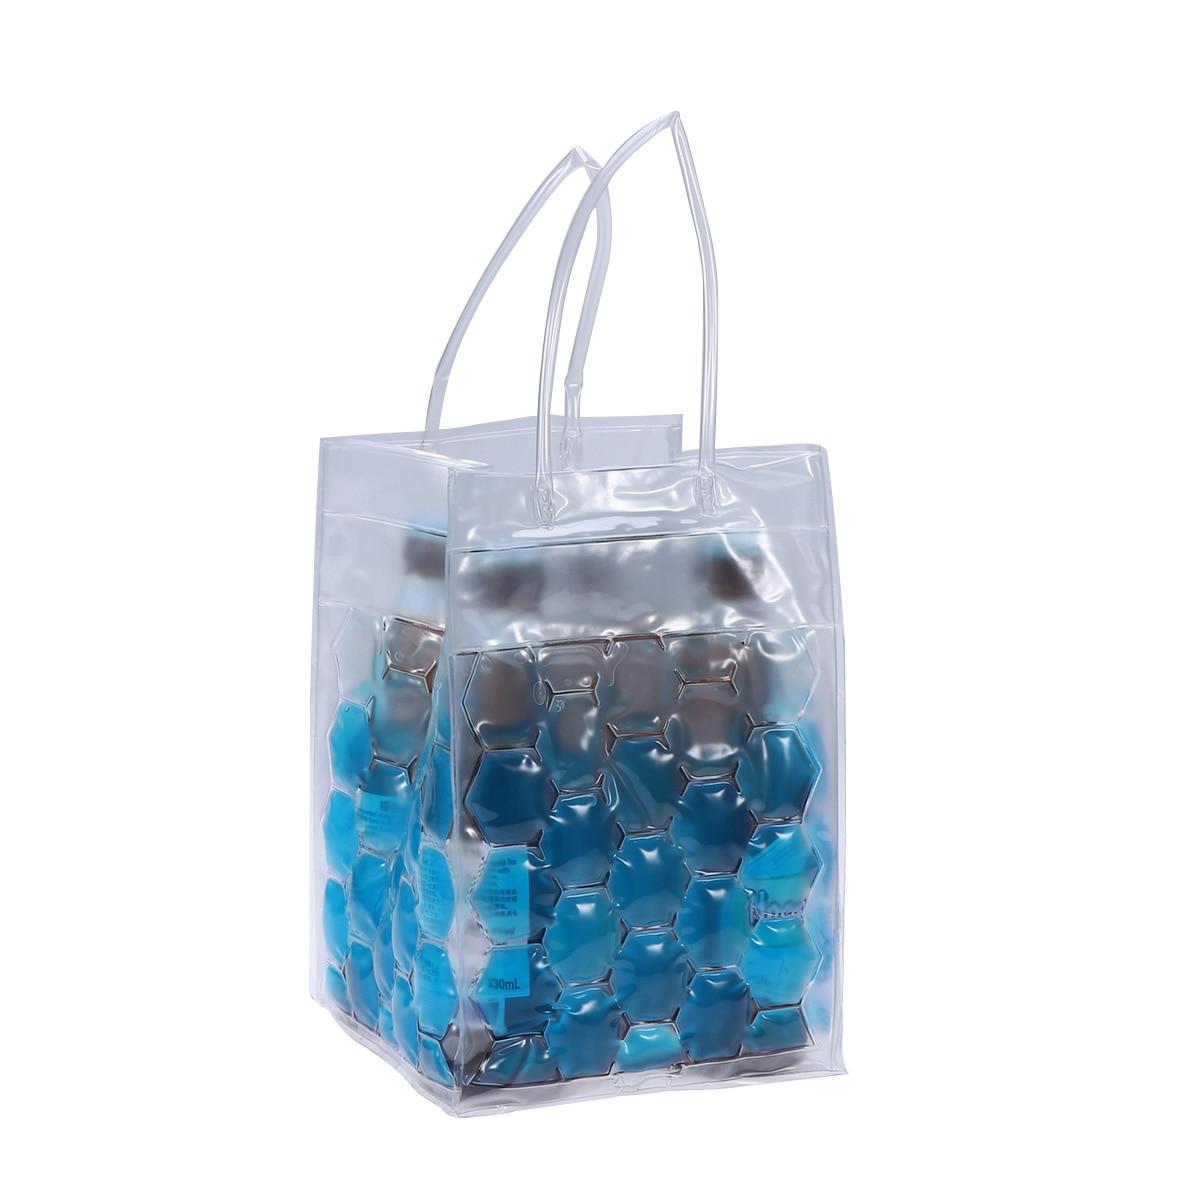 ROSENICE Wine Bottle Freezer Bag Chilling Cooler Ice Bag